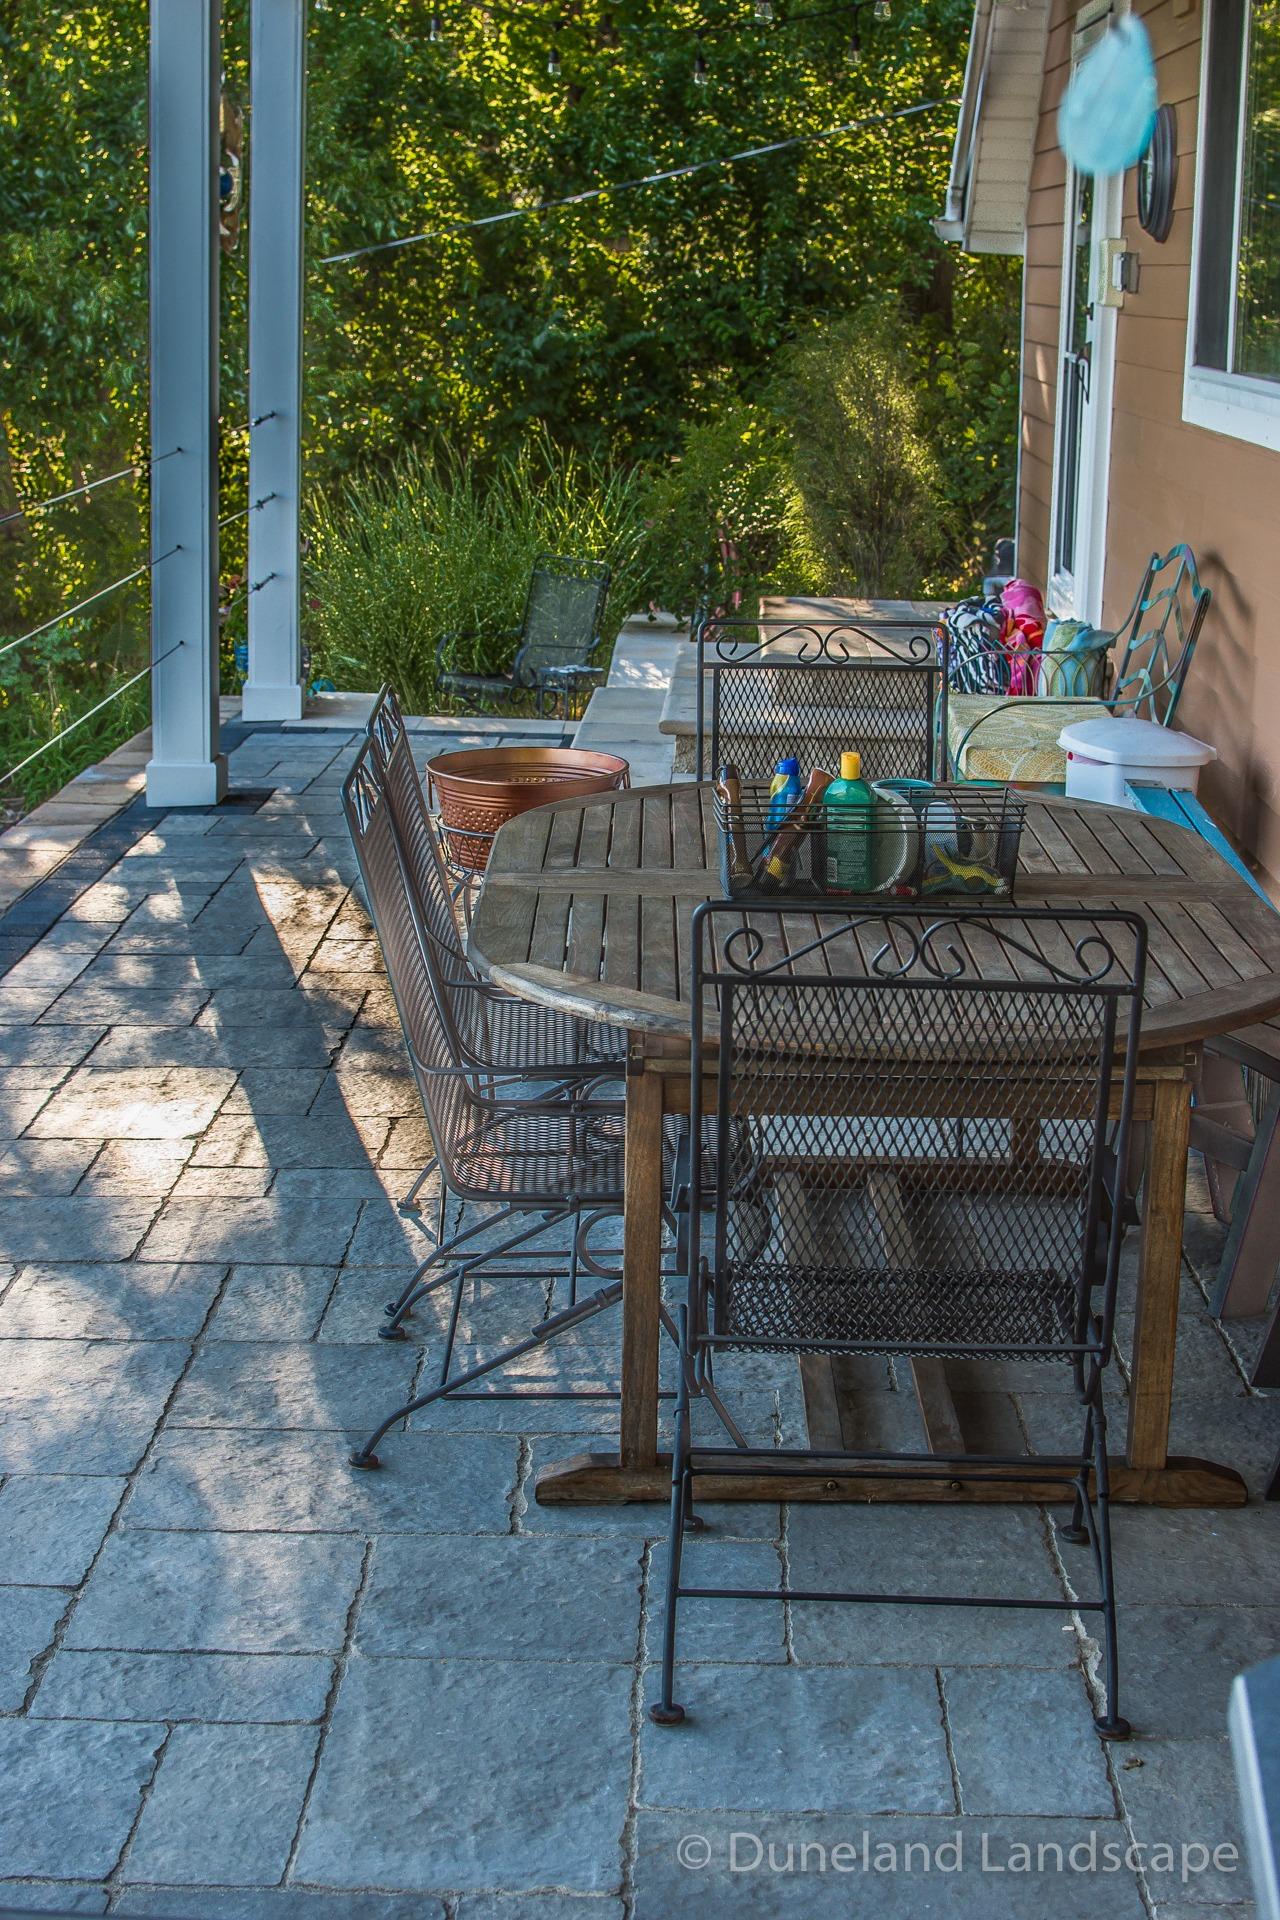 outdoor living space overlooking pool